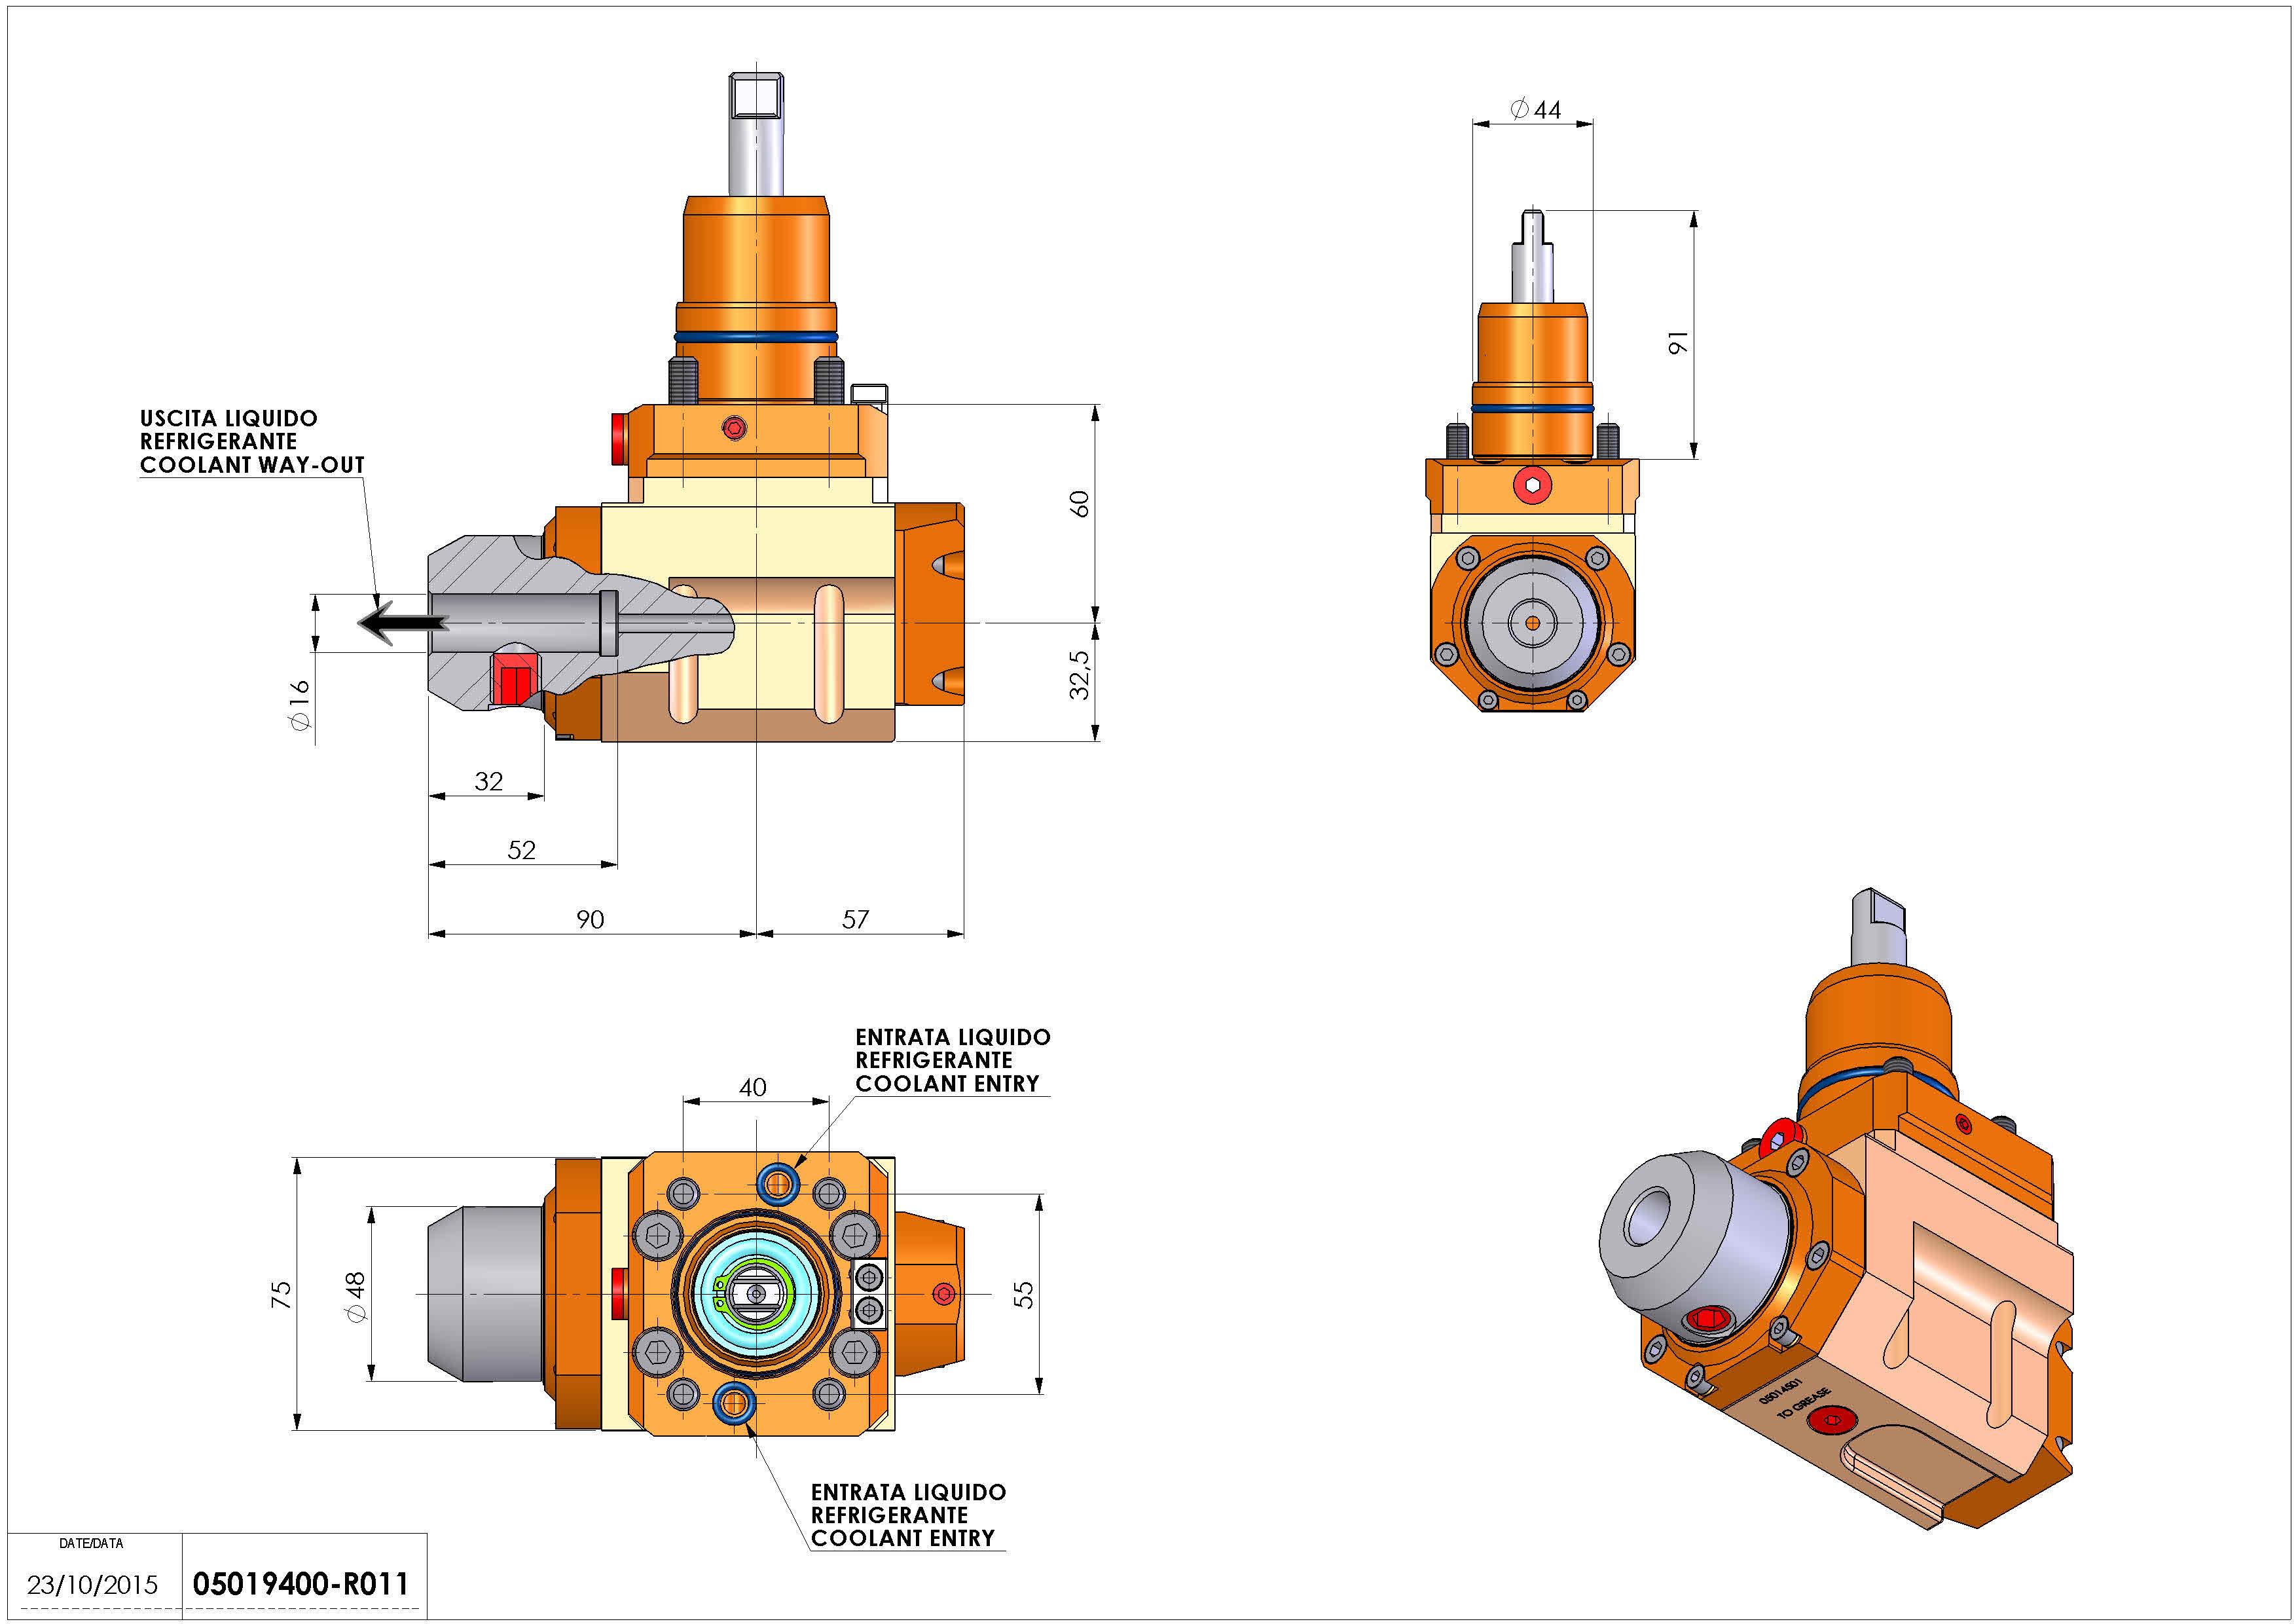 Technical image - LT-A D44 WELDON-16 RF H60 NK.